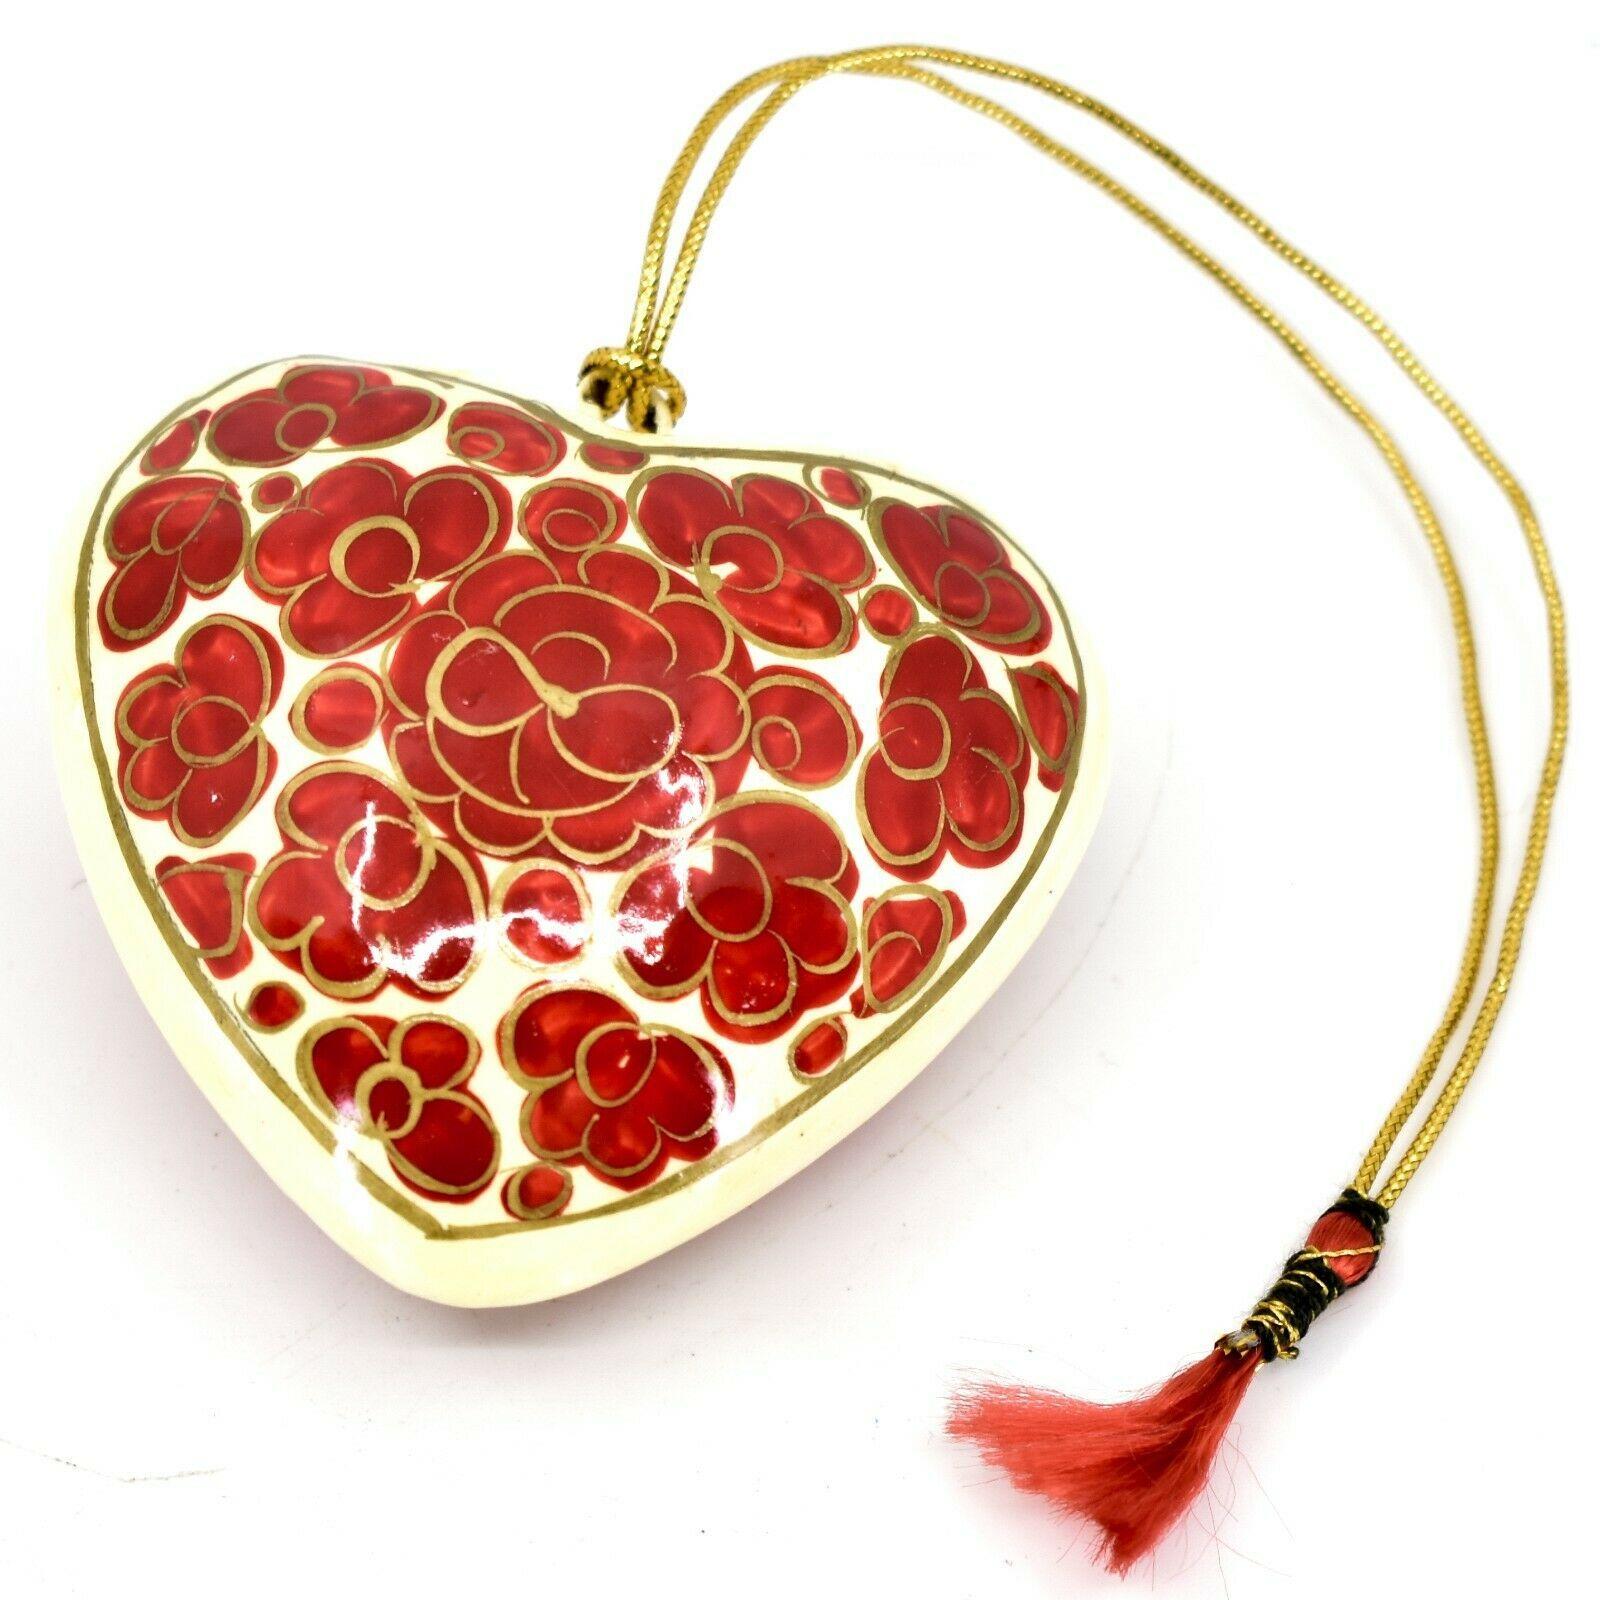 Asha Handicrafts Painted Papier-Mâché Red & Gold Heart Floral Christmas Ornament